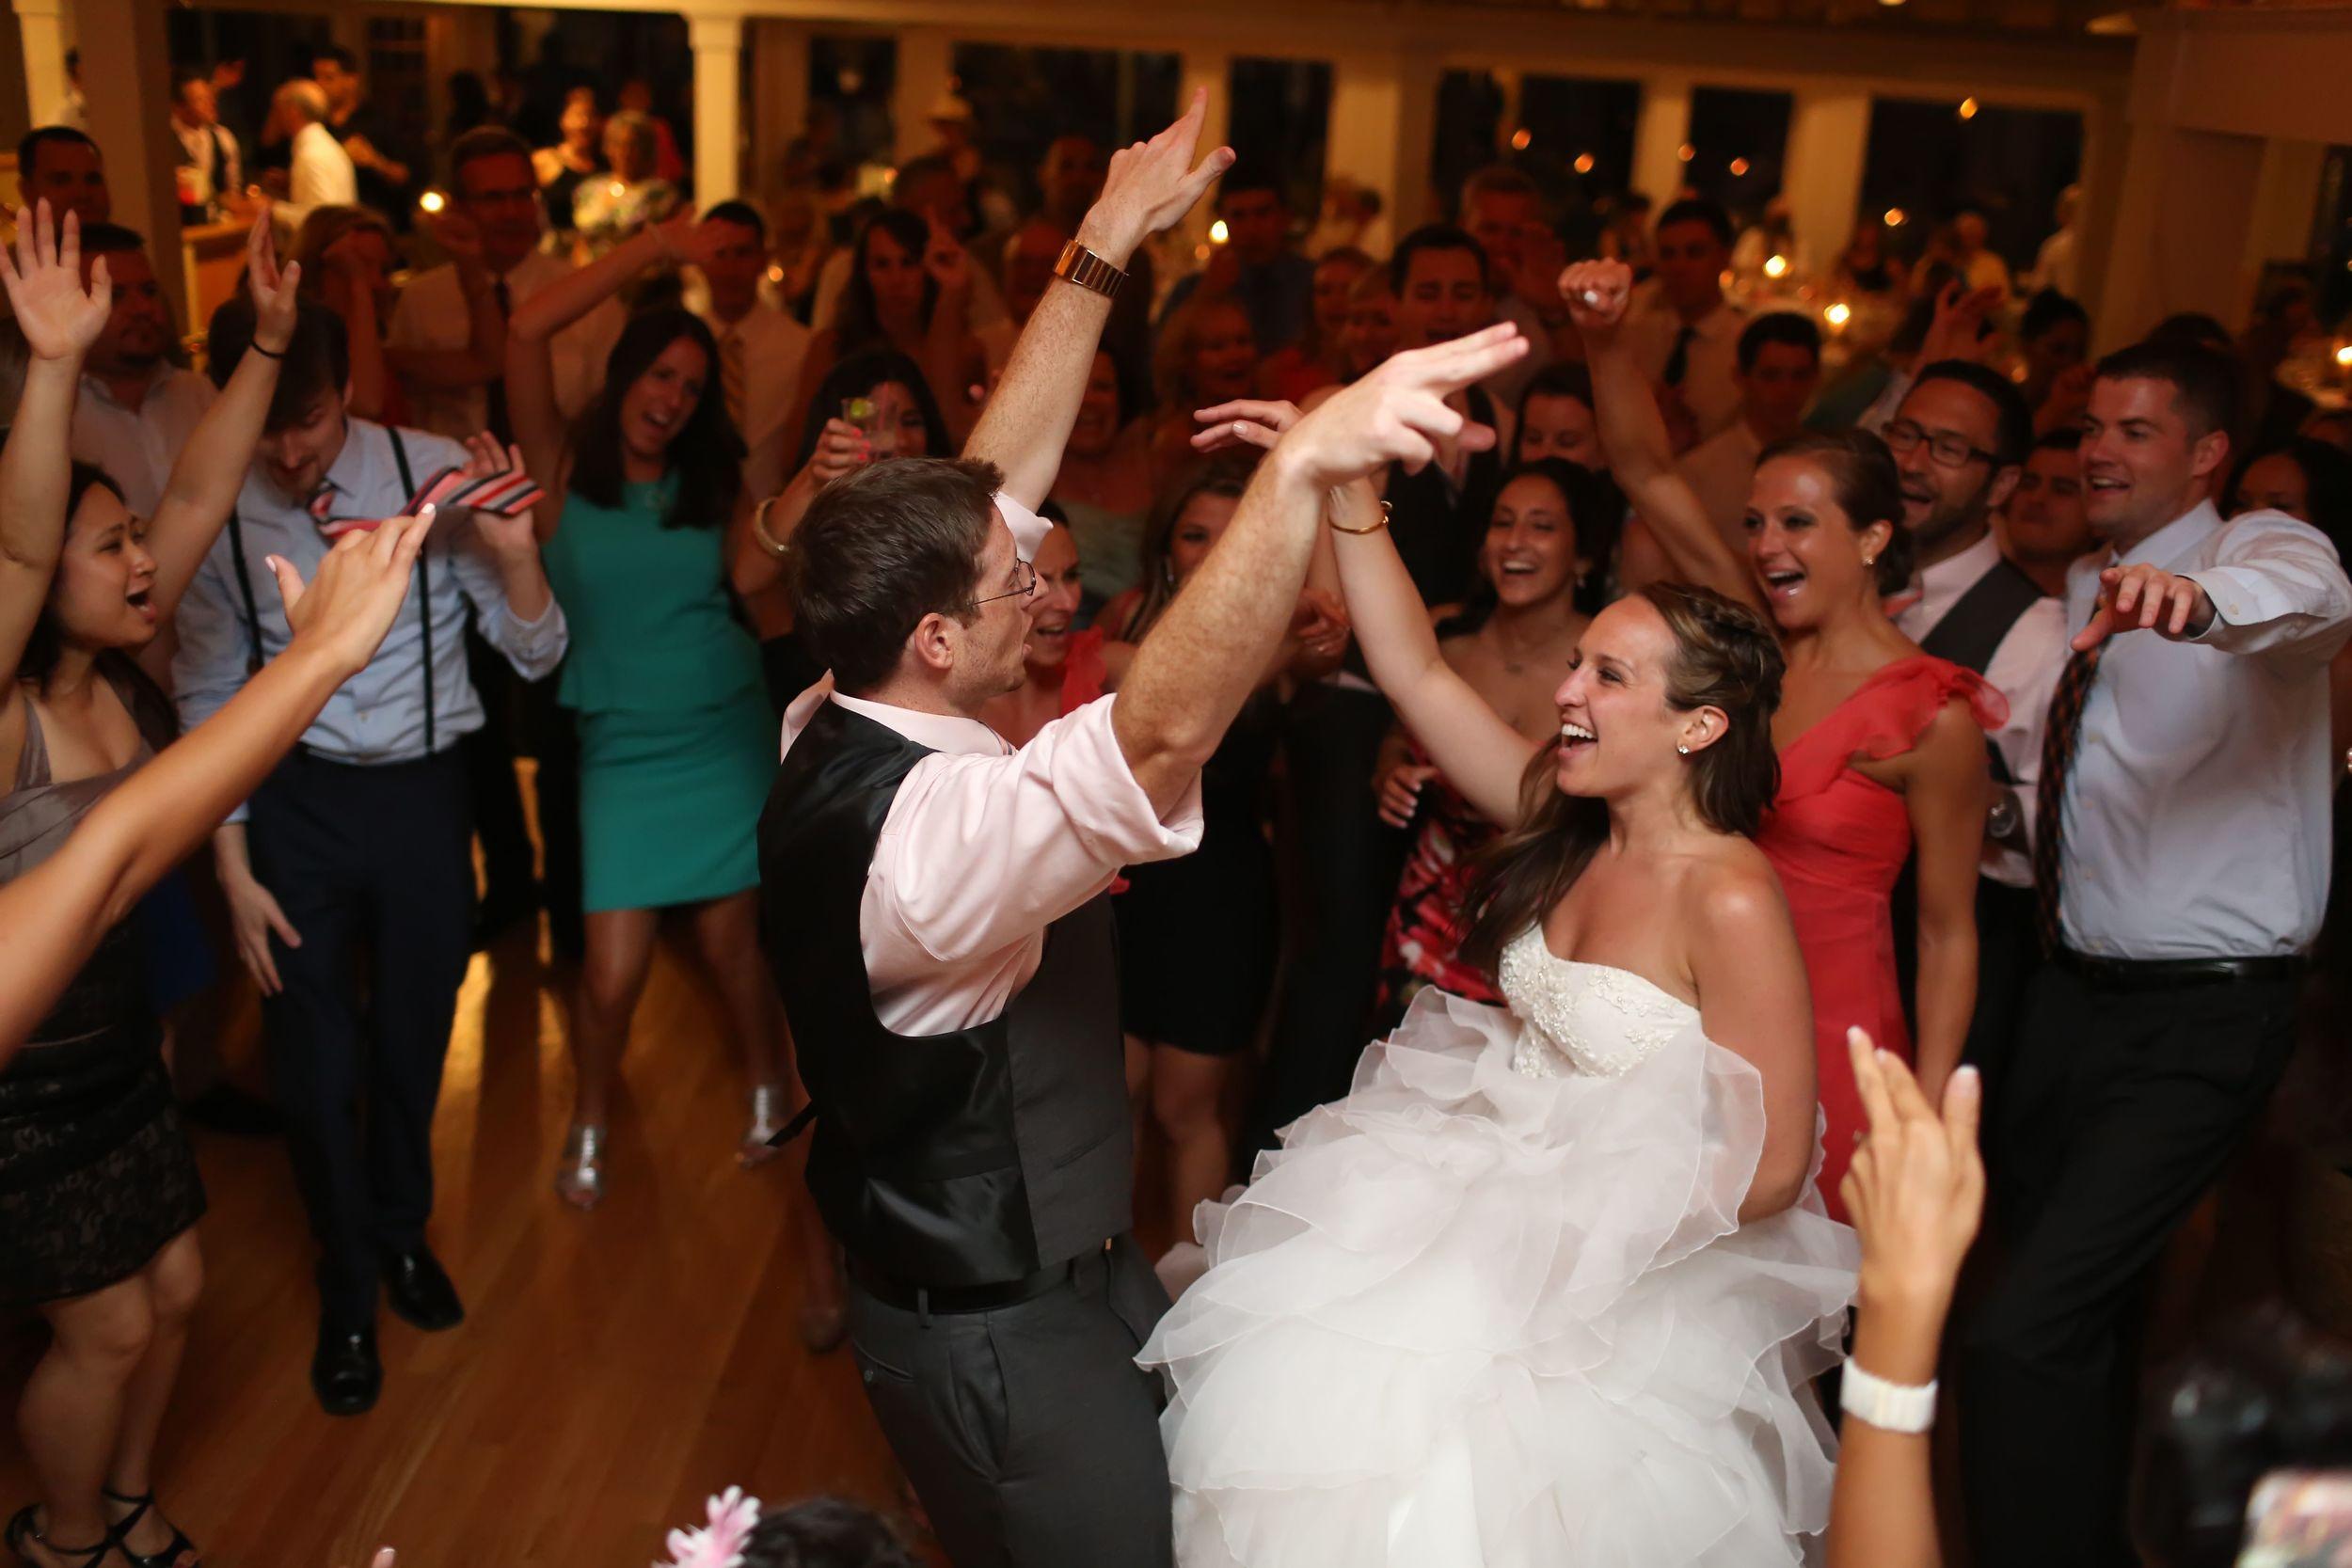 Milford Yacht Club Wedding Fairfield County Wedding Amy Champagne Events60.jpg